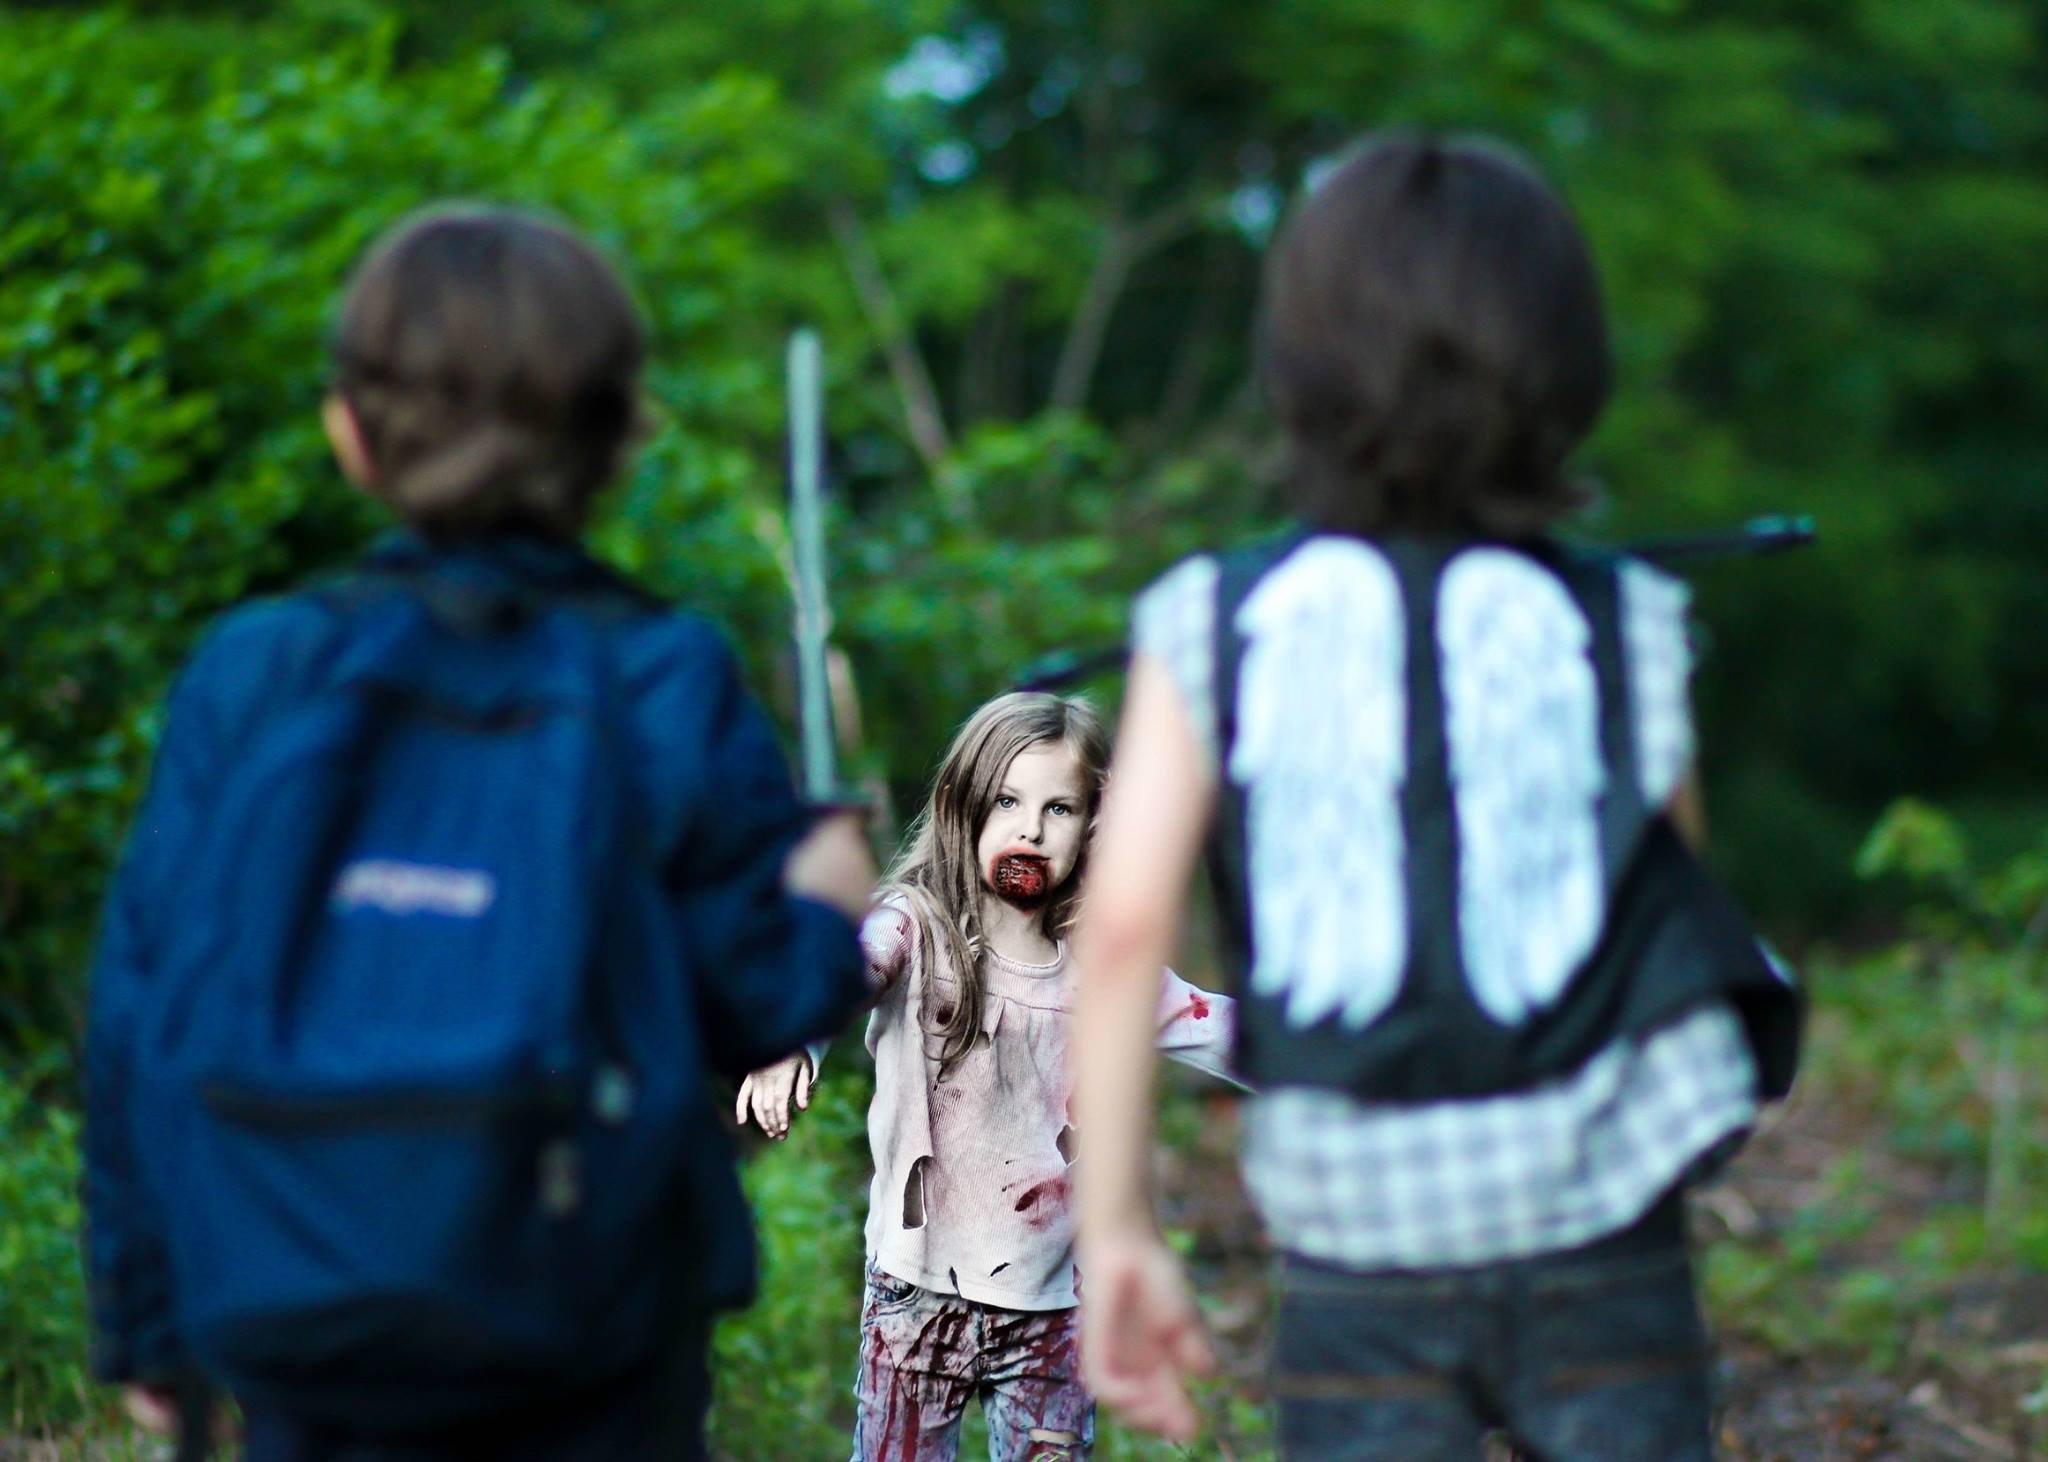 Aaron-Daryl-Dixon-Confront-Walker